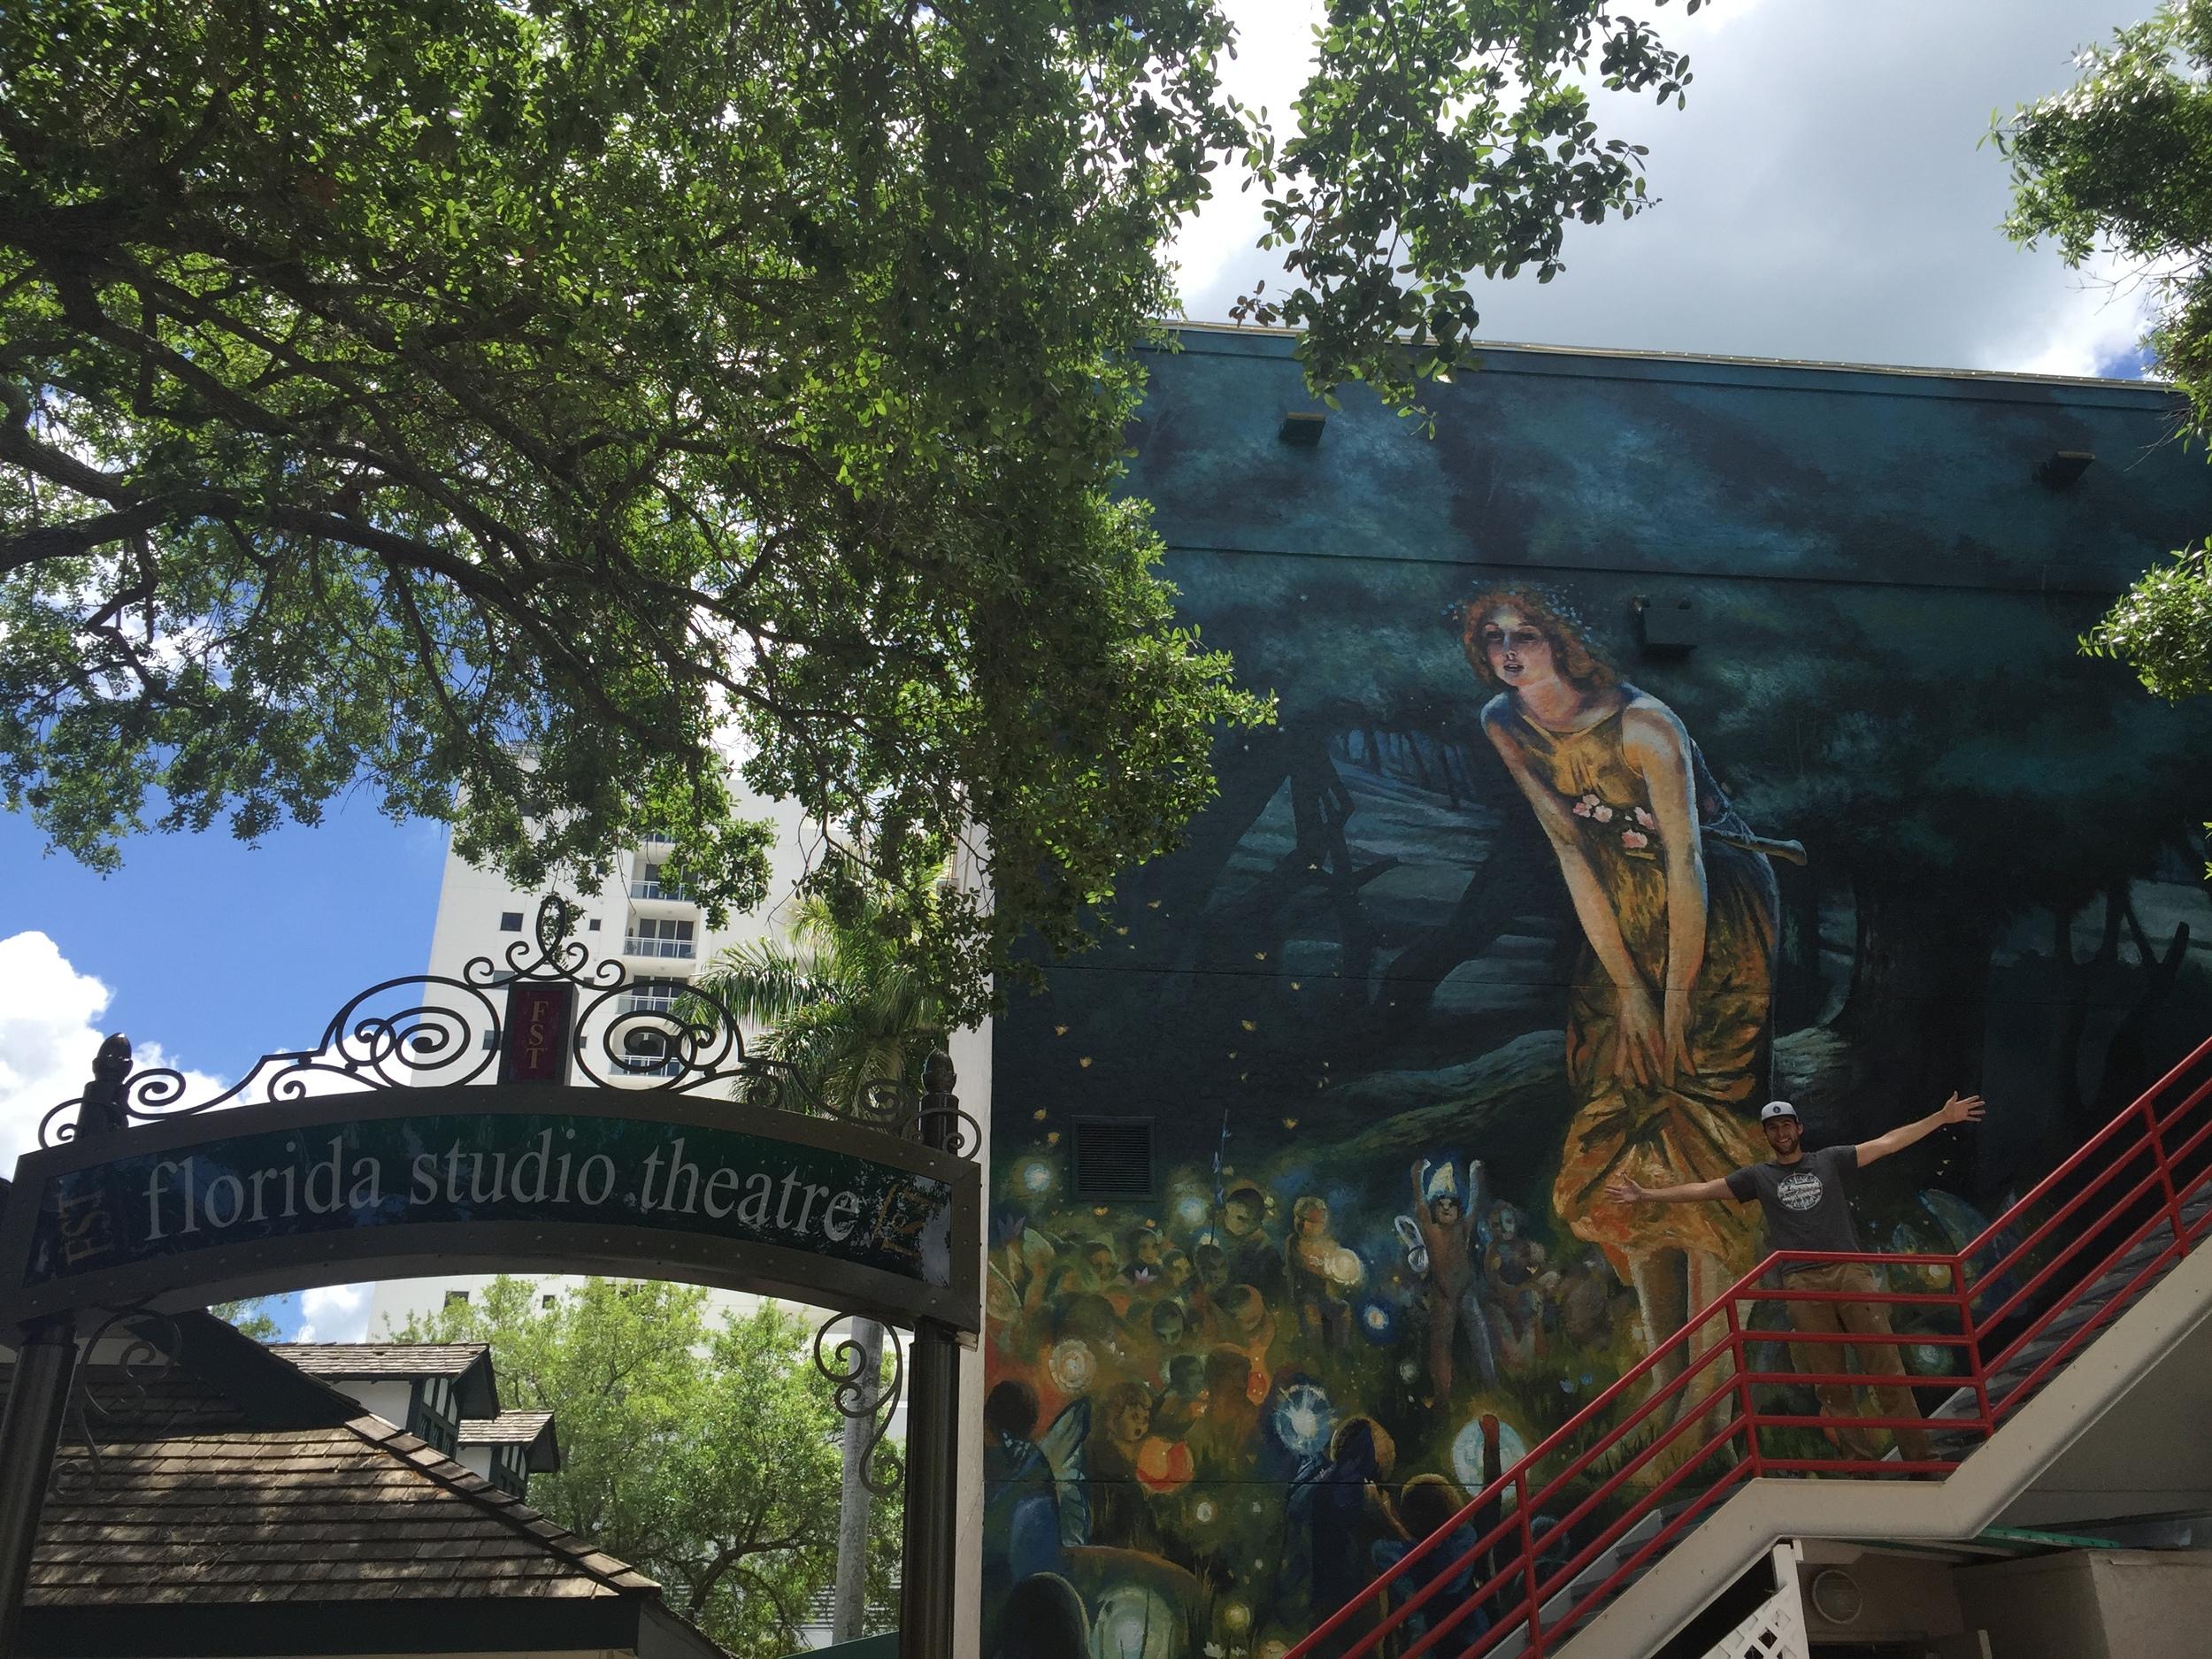 Florida Studio Theatre Mural IV